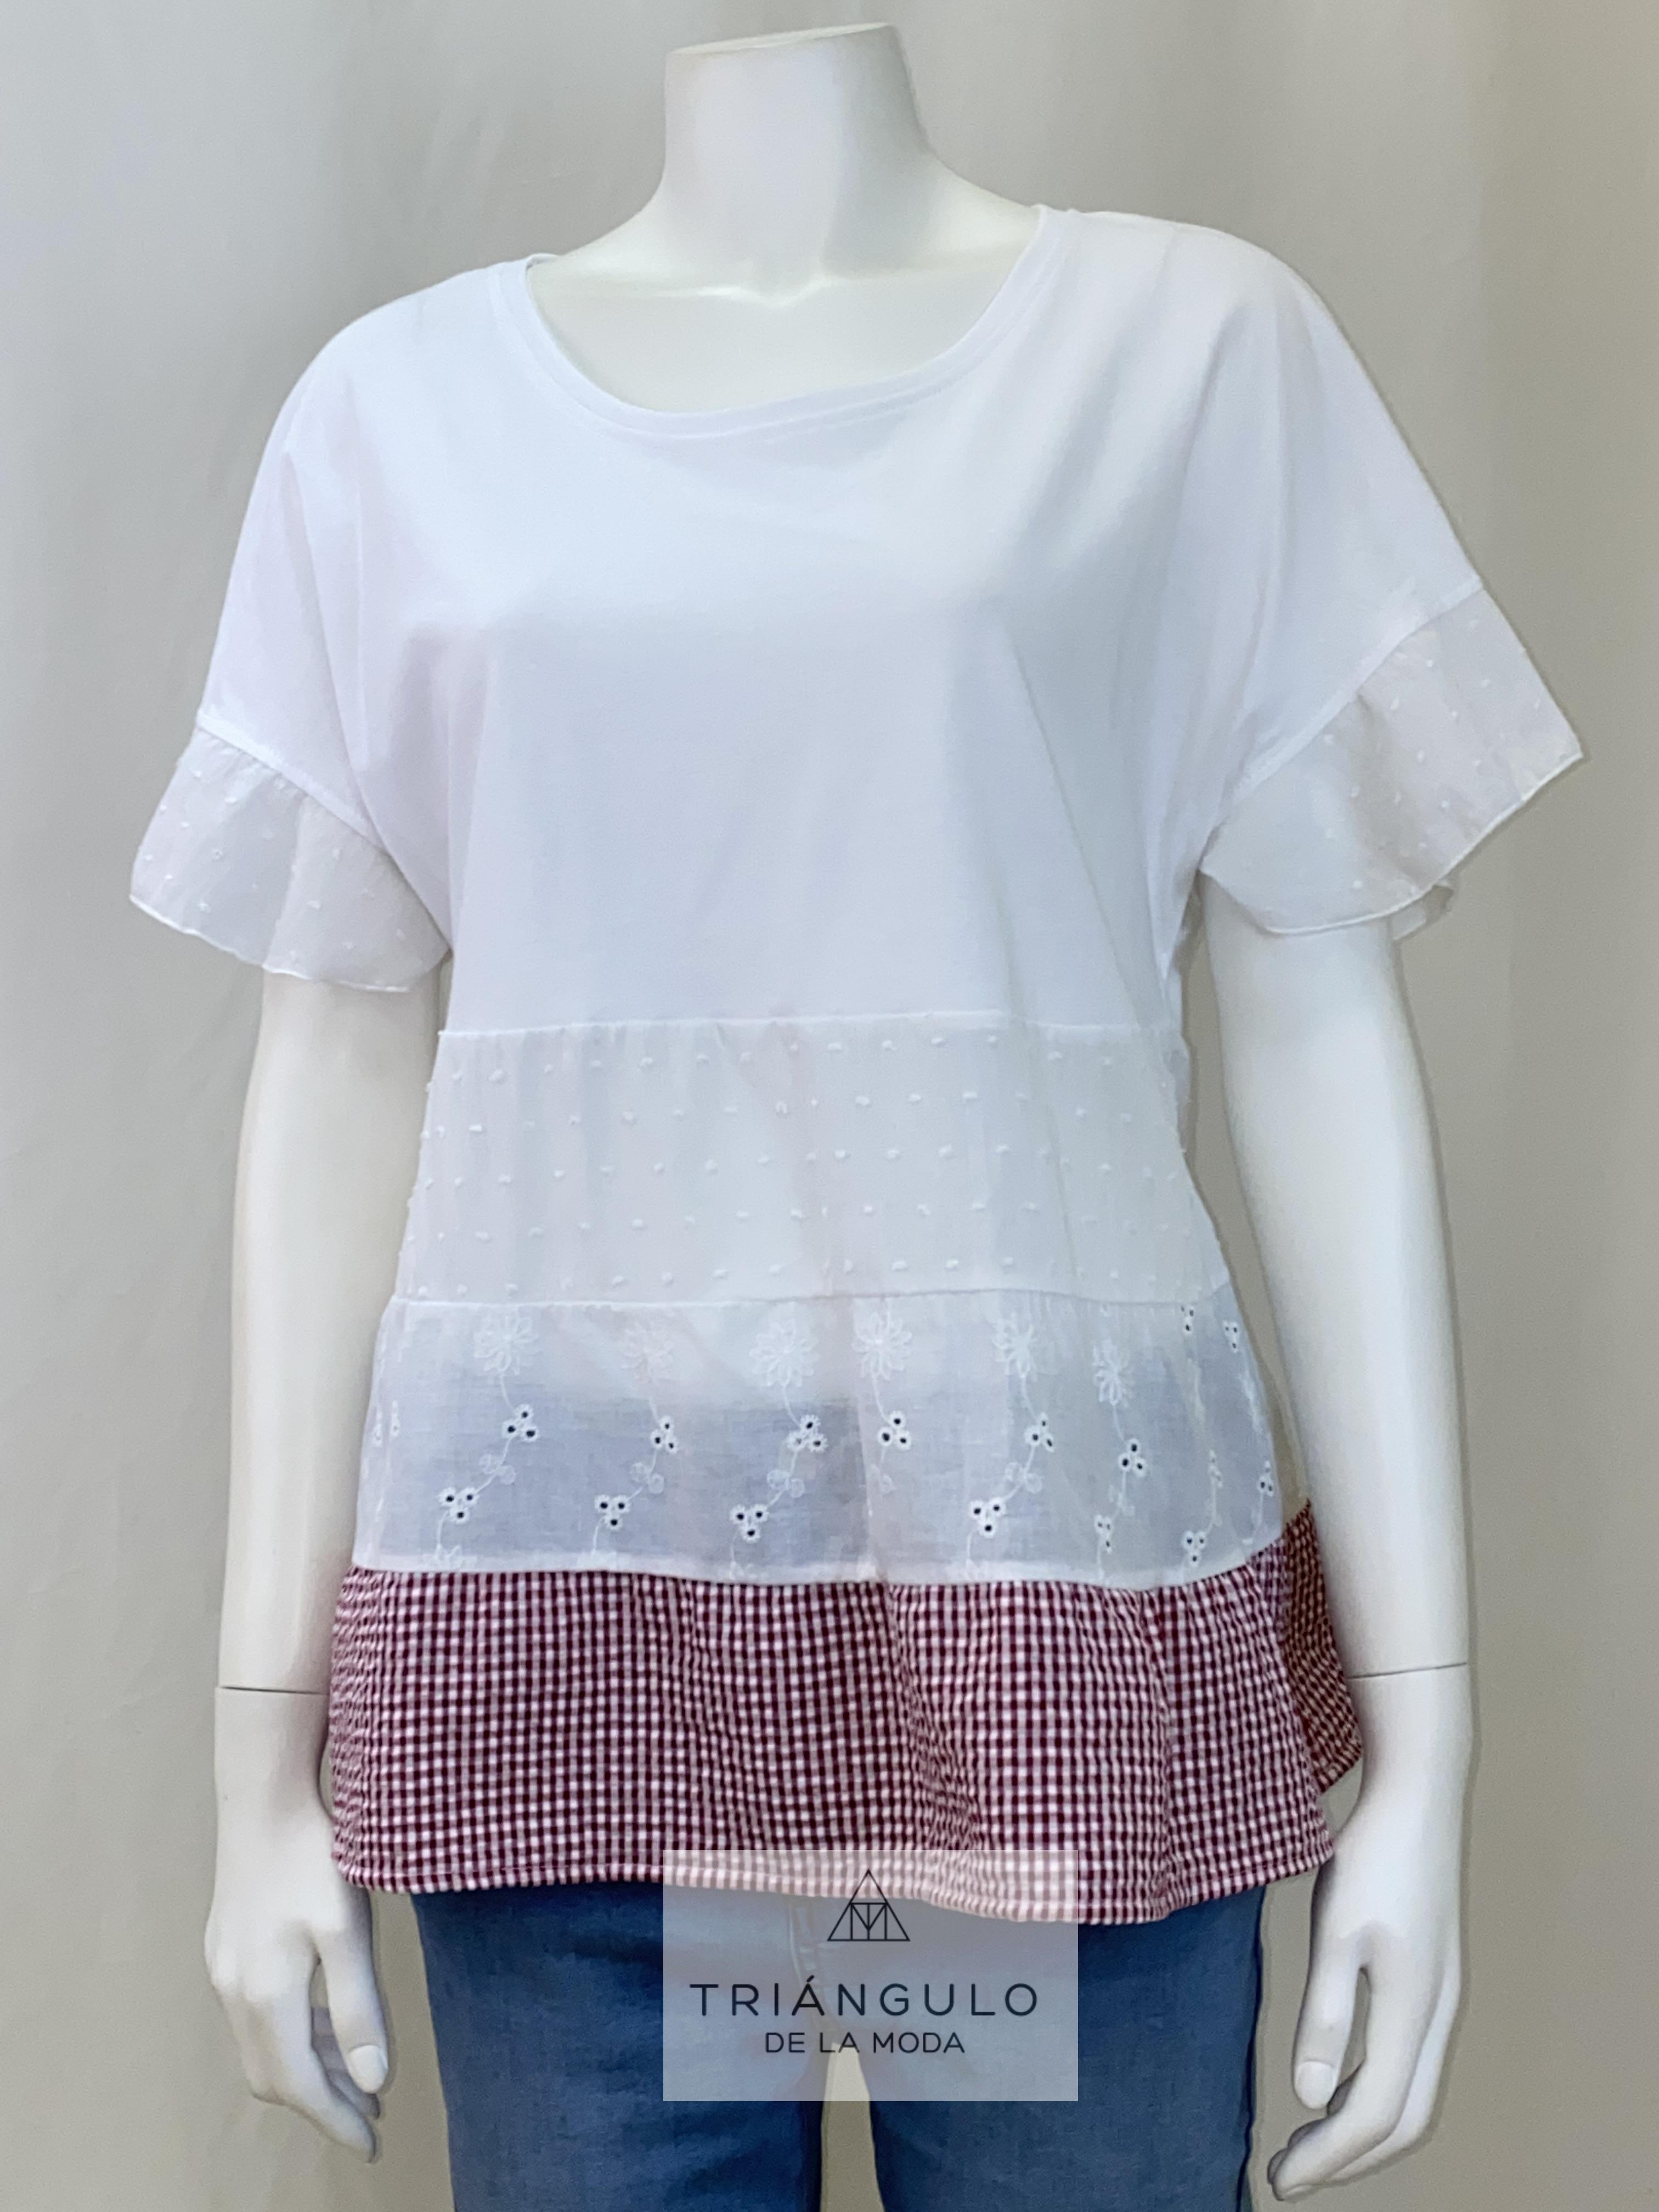 Tienda online del Triangulo de la Moda camiseta